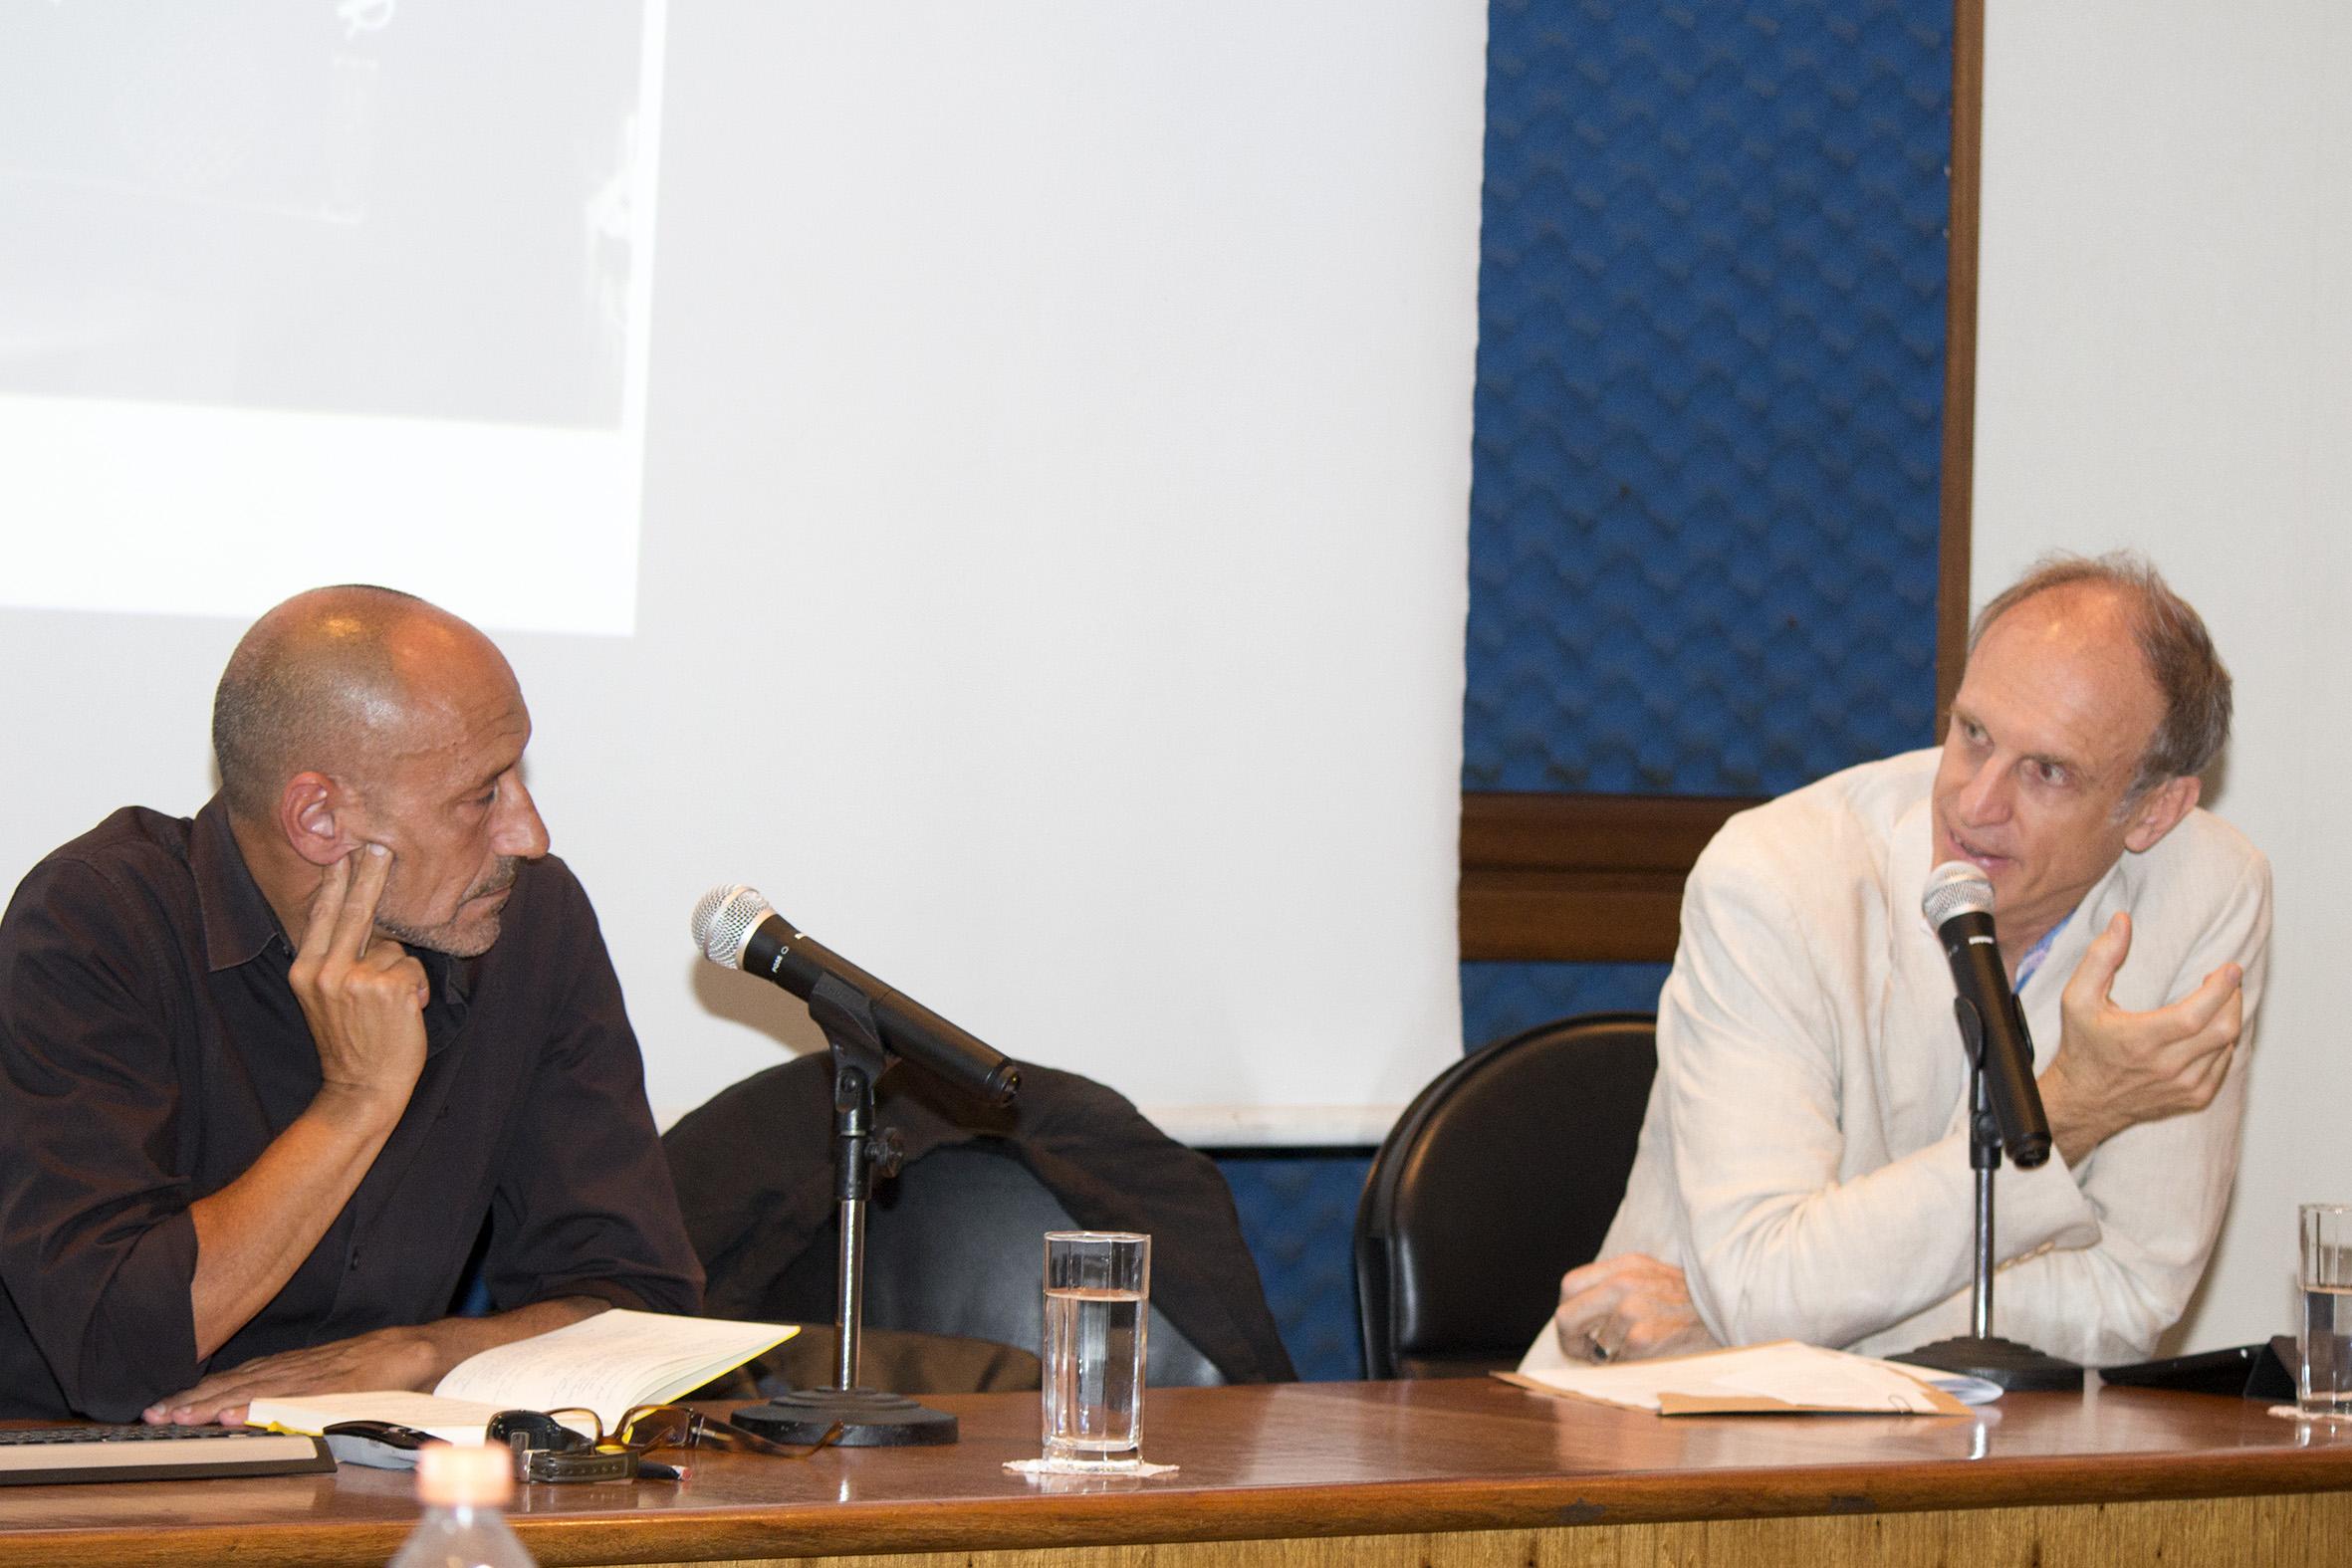 Martí Peran e Martin Grossmann